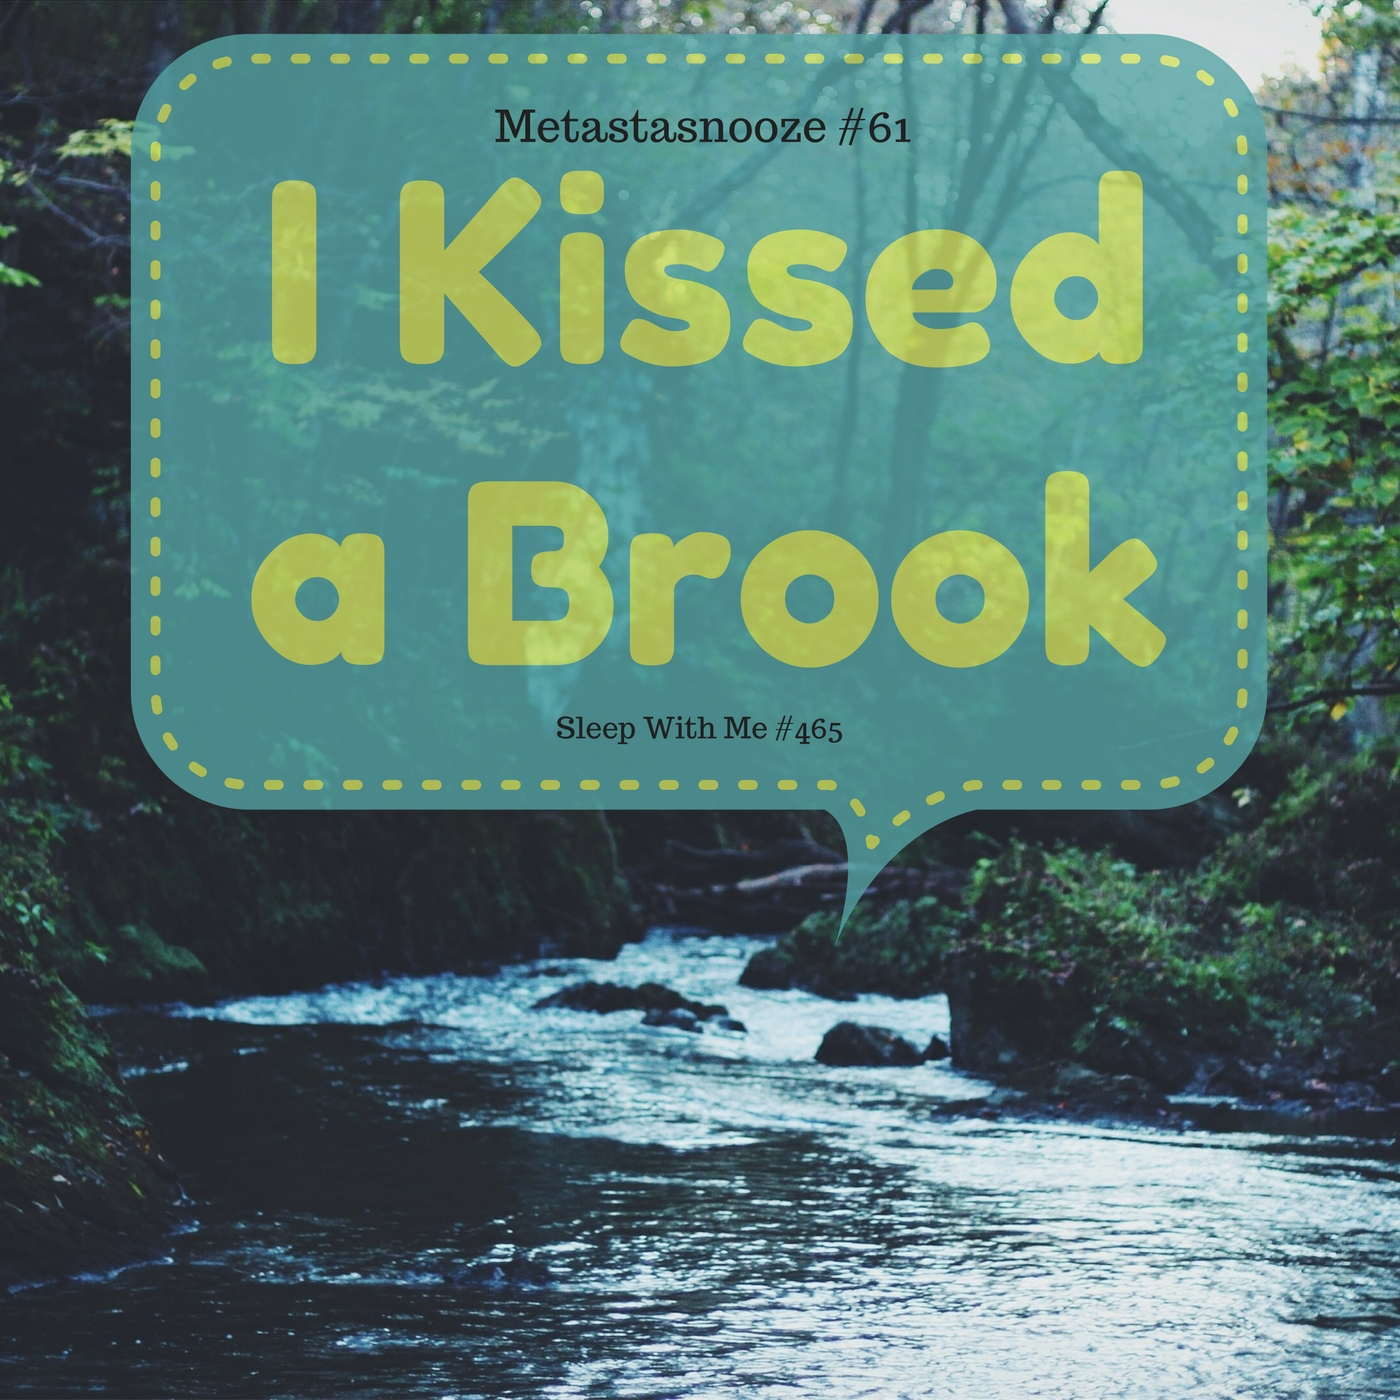 I Kissed a Brook | Metastasnooze #61 | Sleep With Me #465